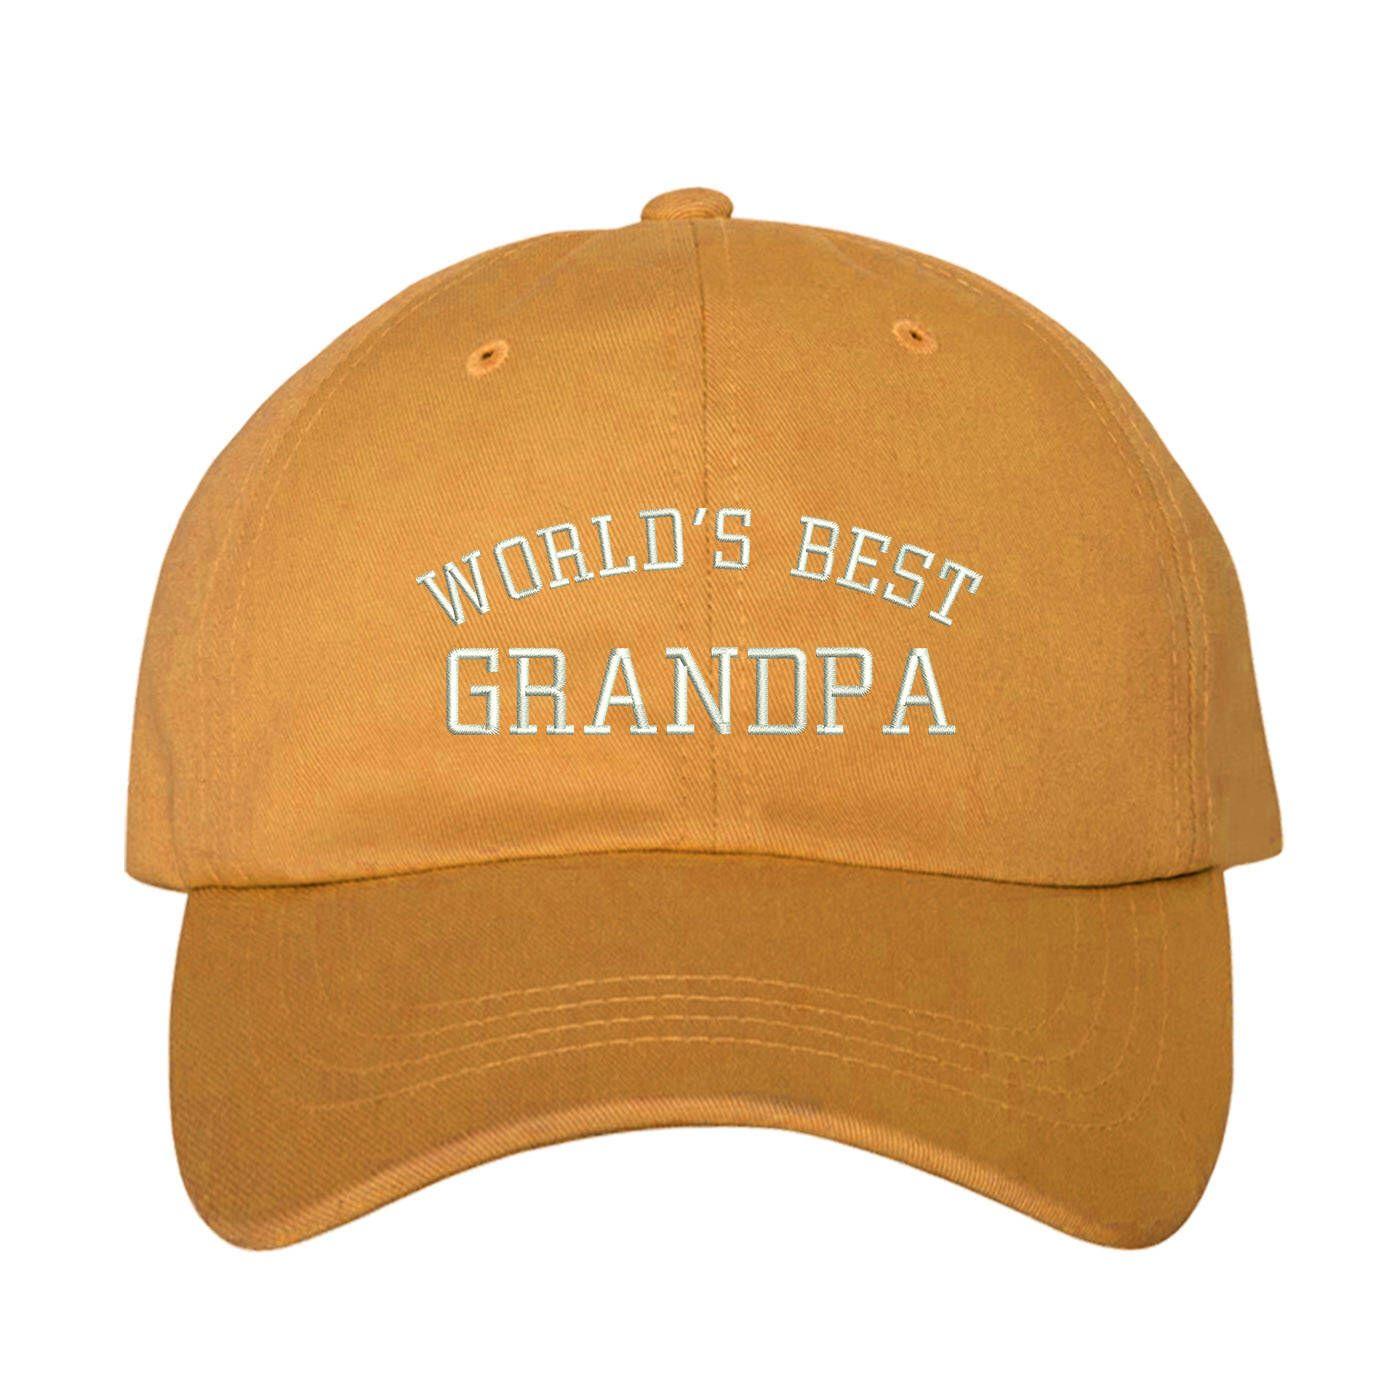 b45a8a24d59 World s BEST GRANDPA Dad Hat